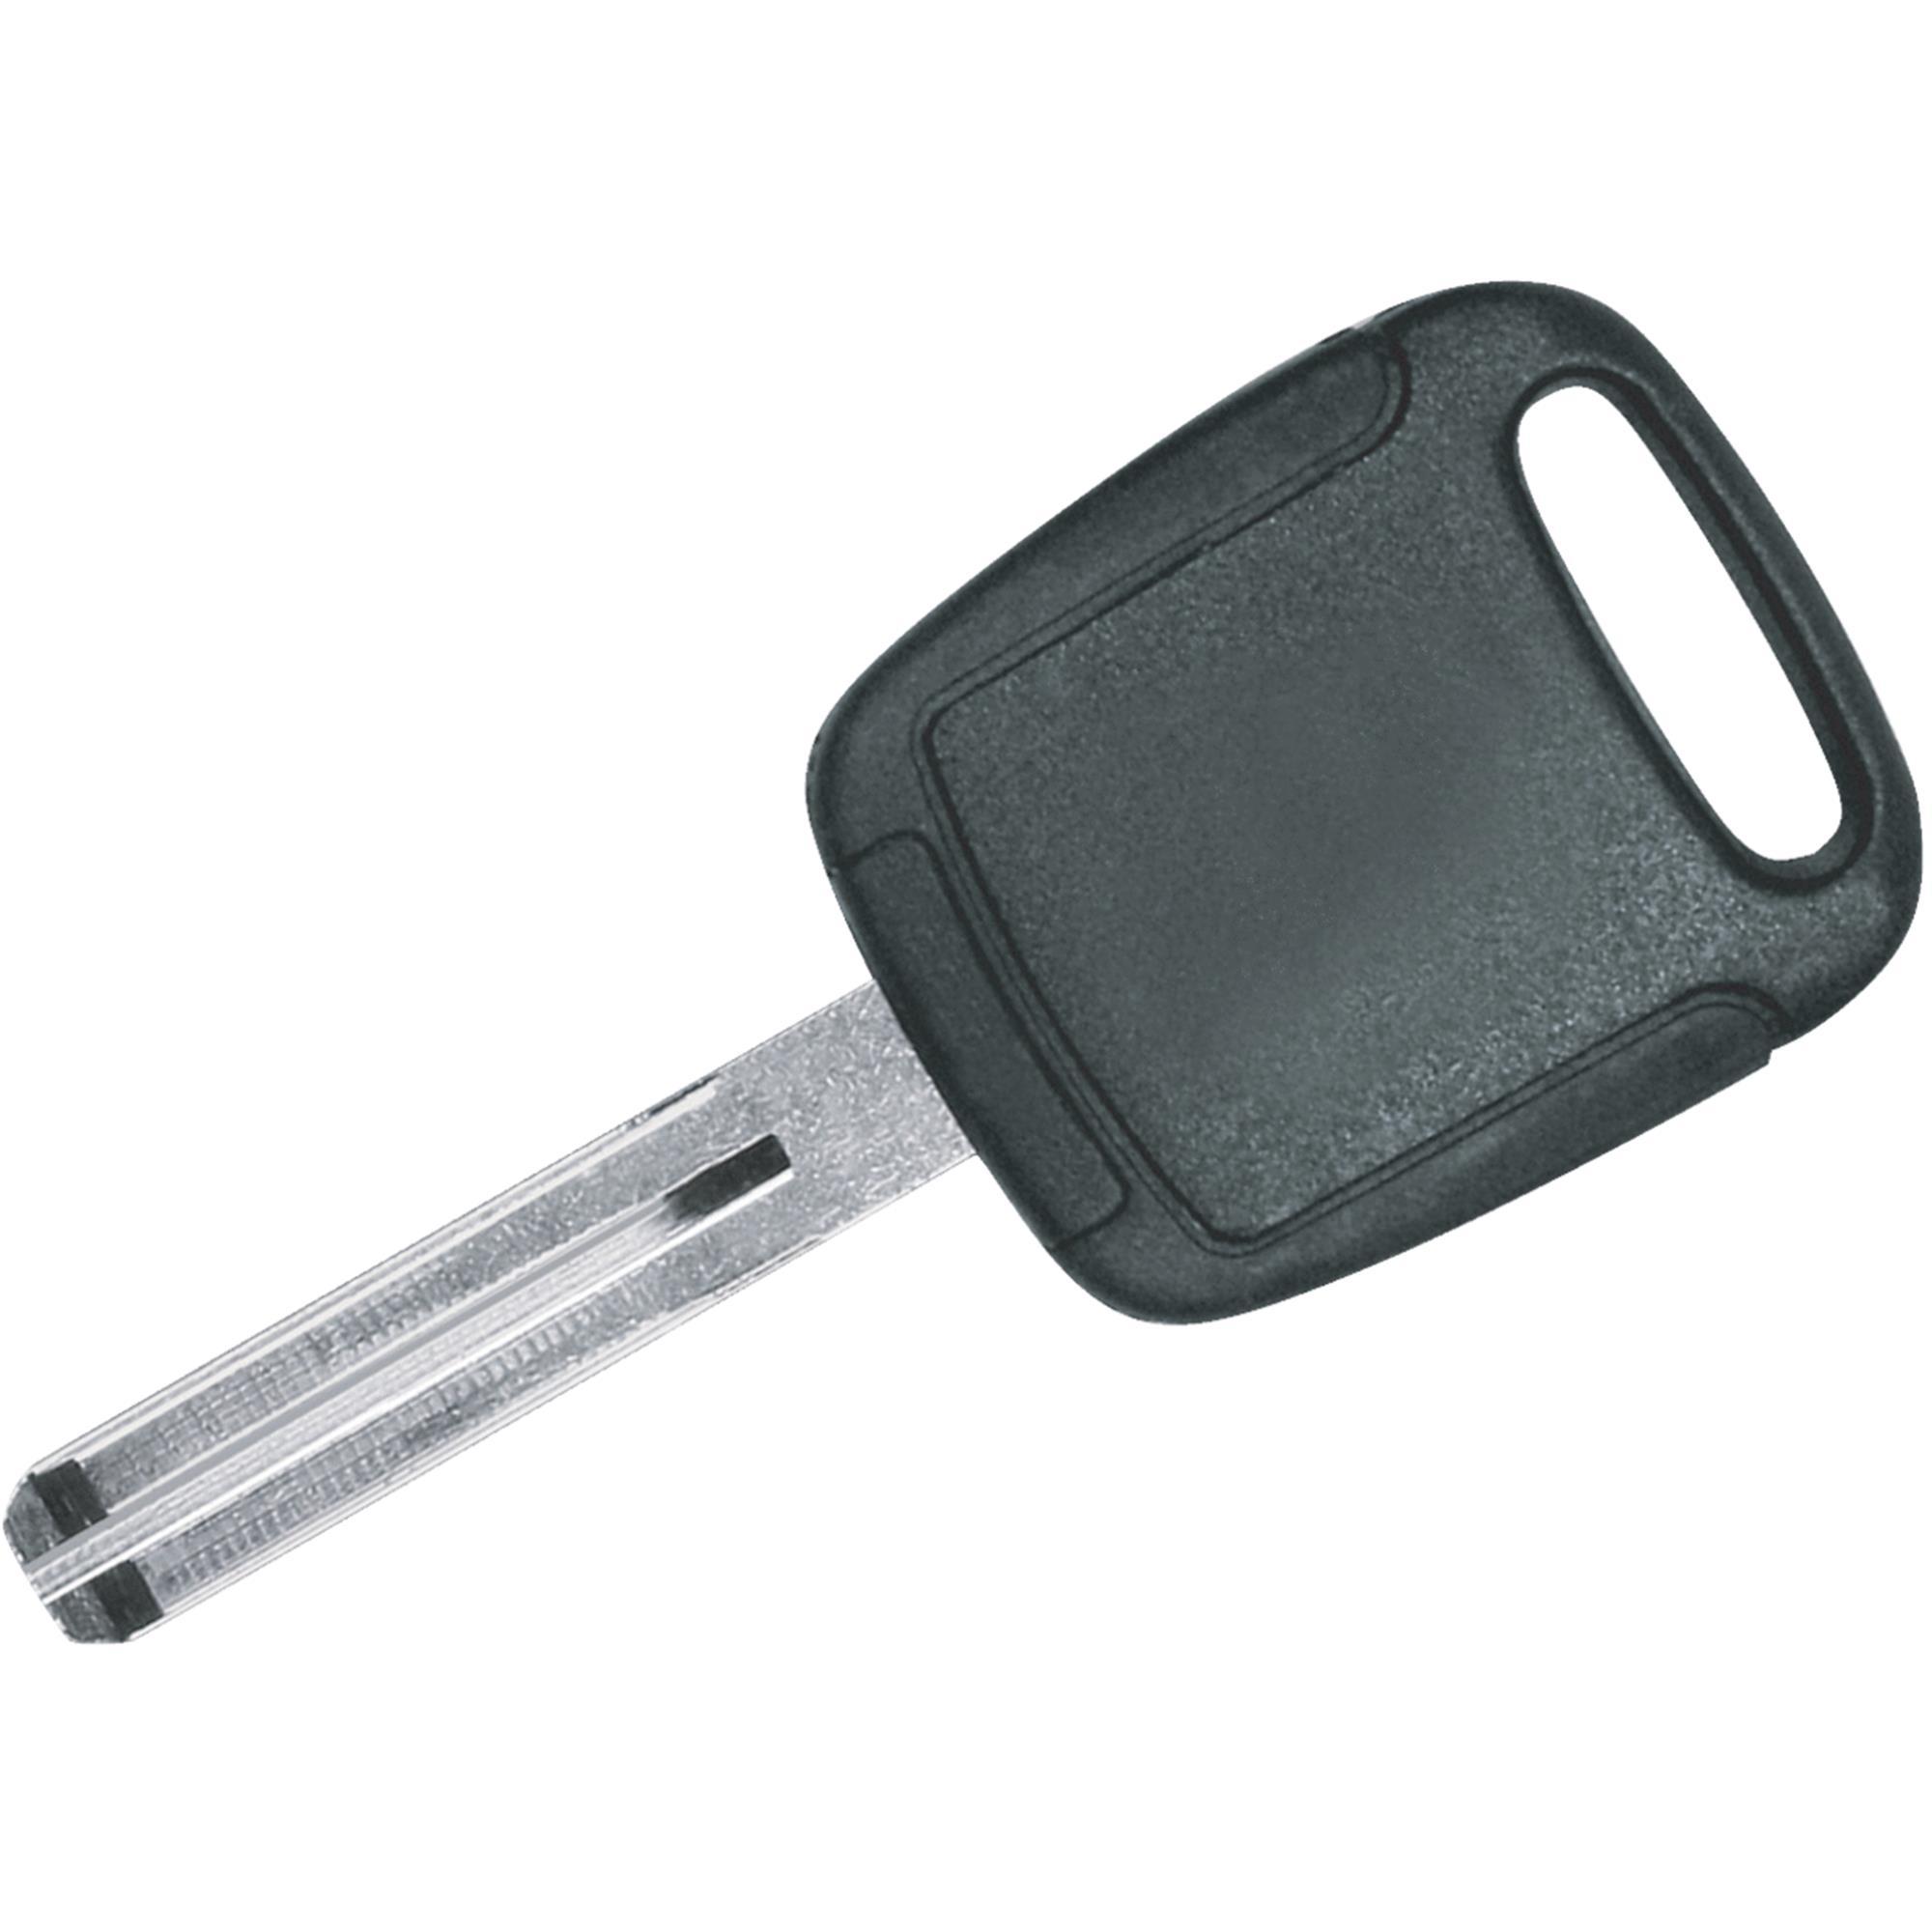 Hy-Ko Sidewinder I-Chip Key